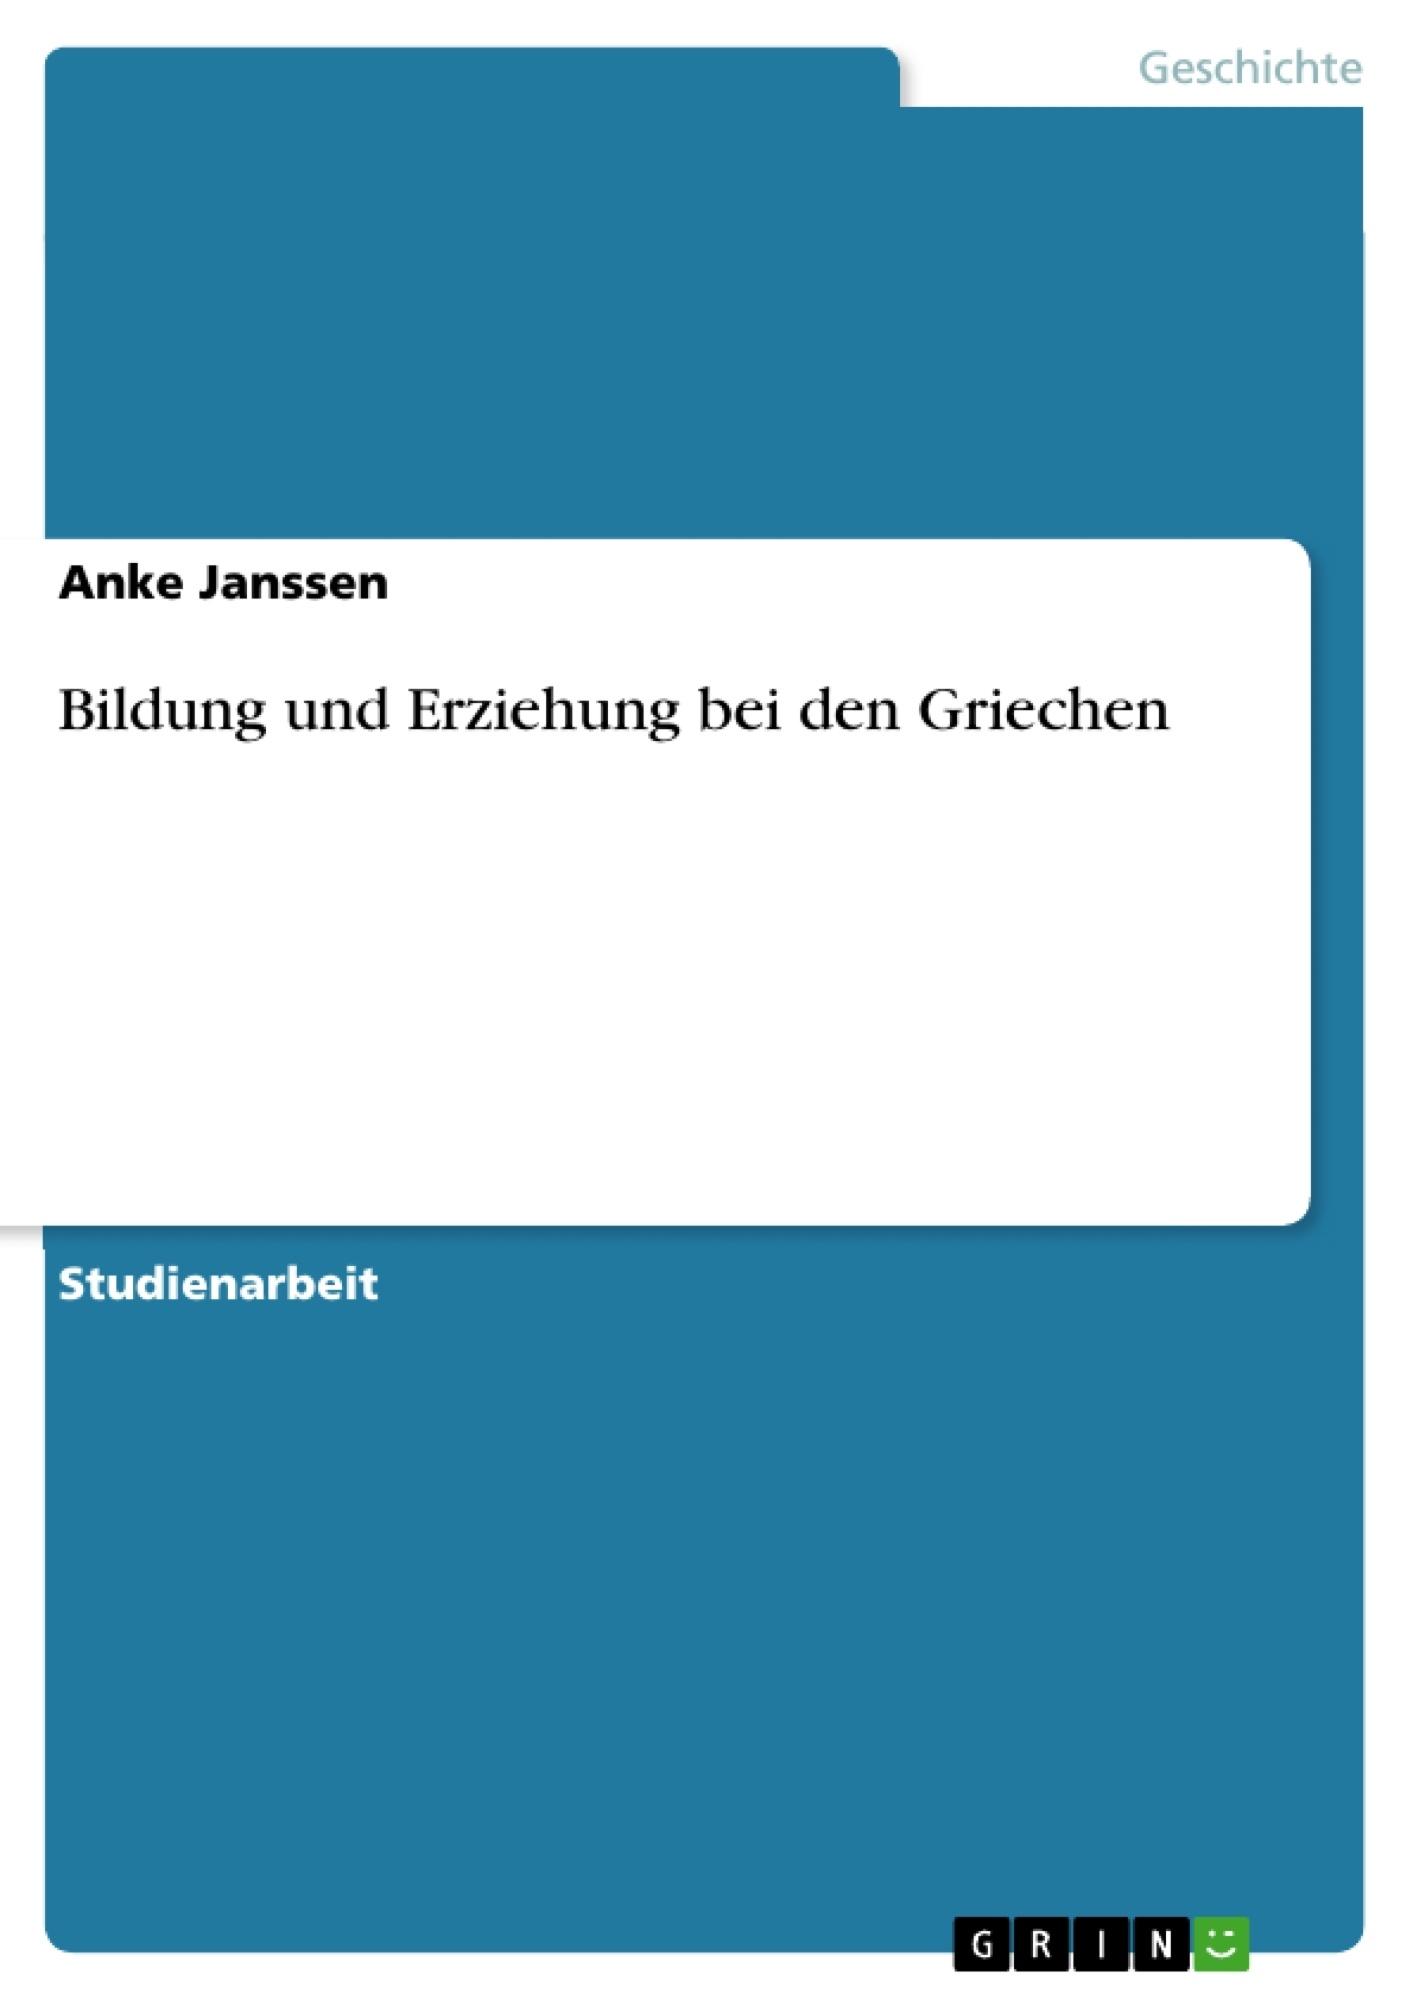 Titel: Bildung und Erziehung bei den Griechen